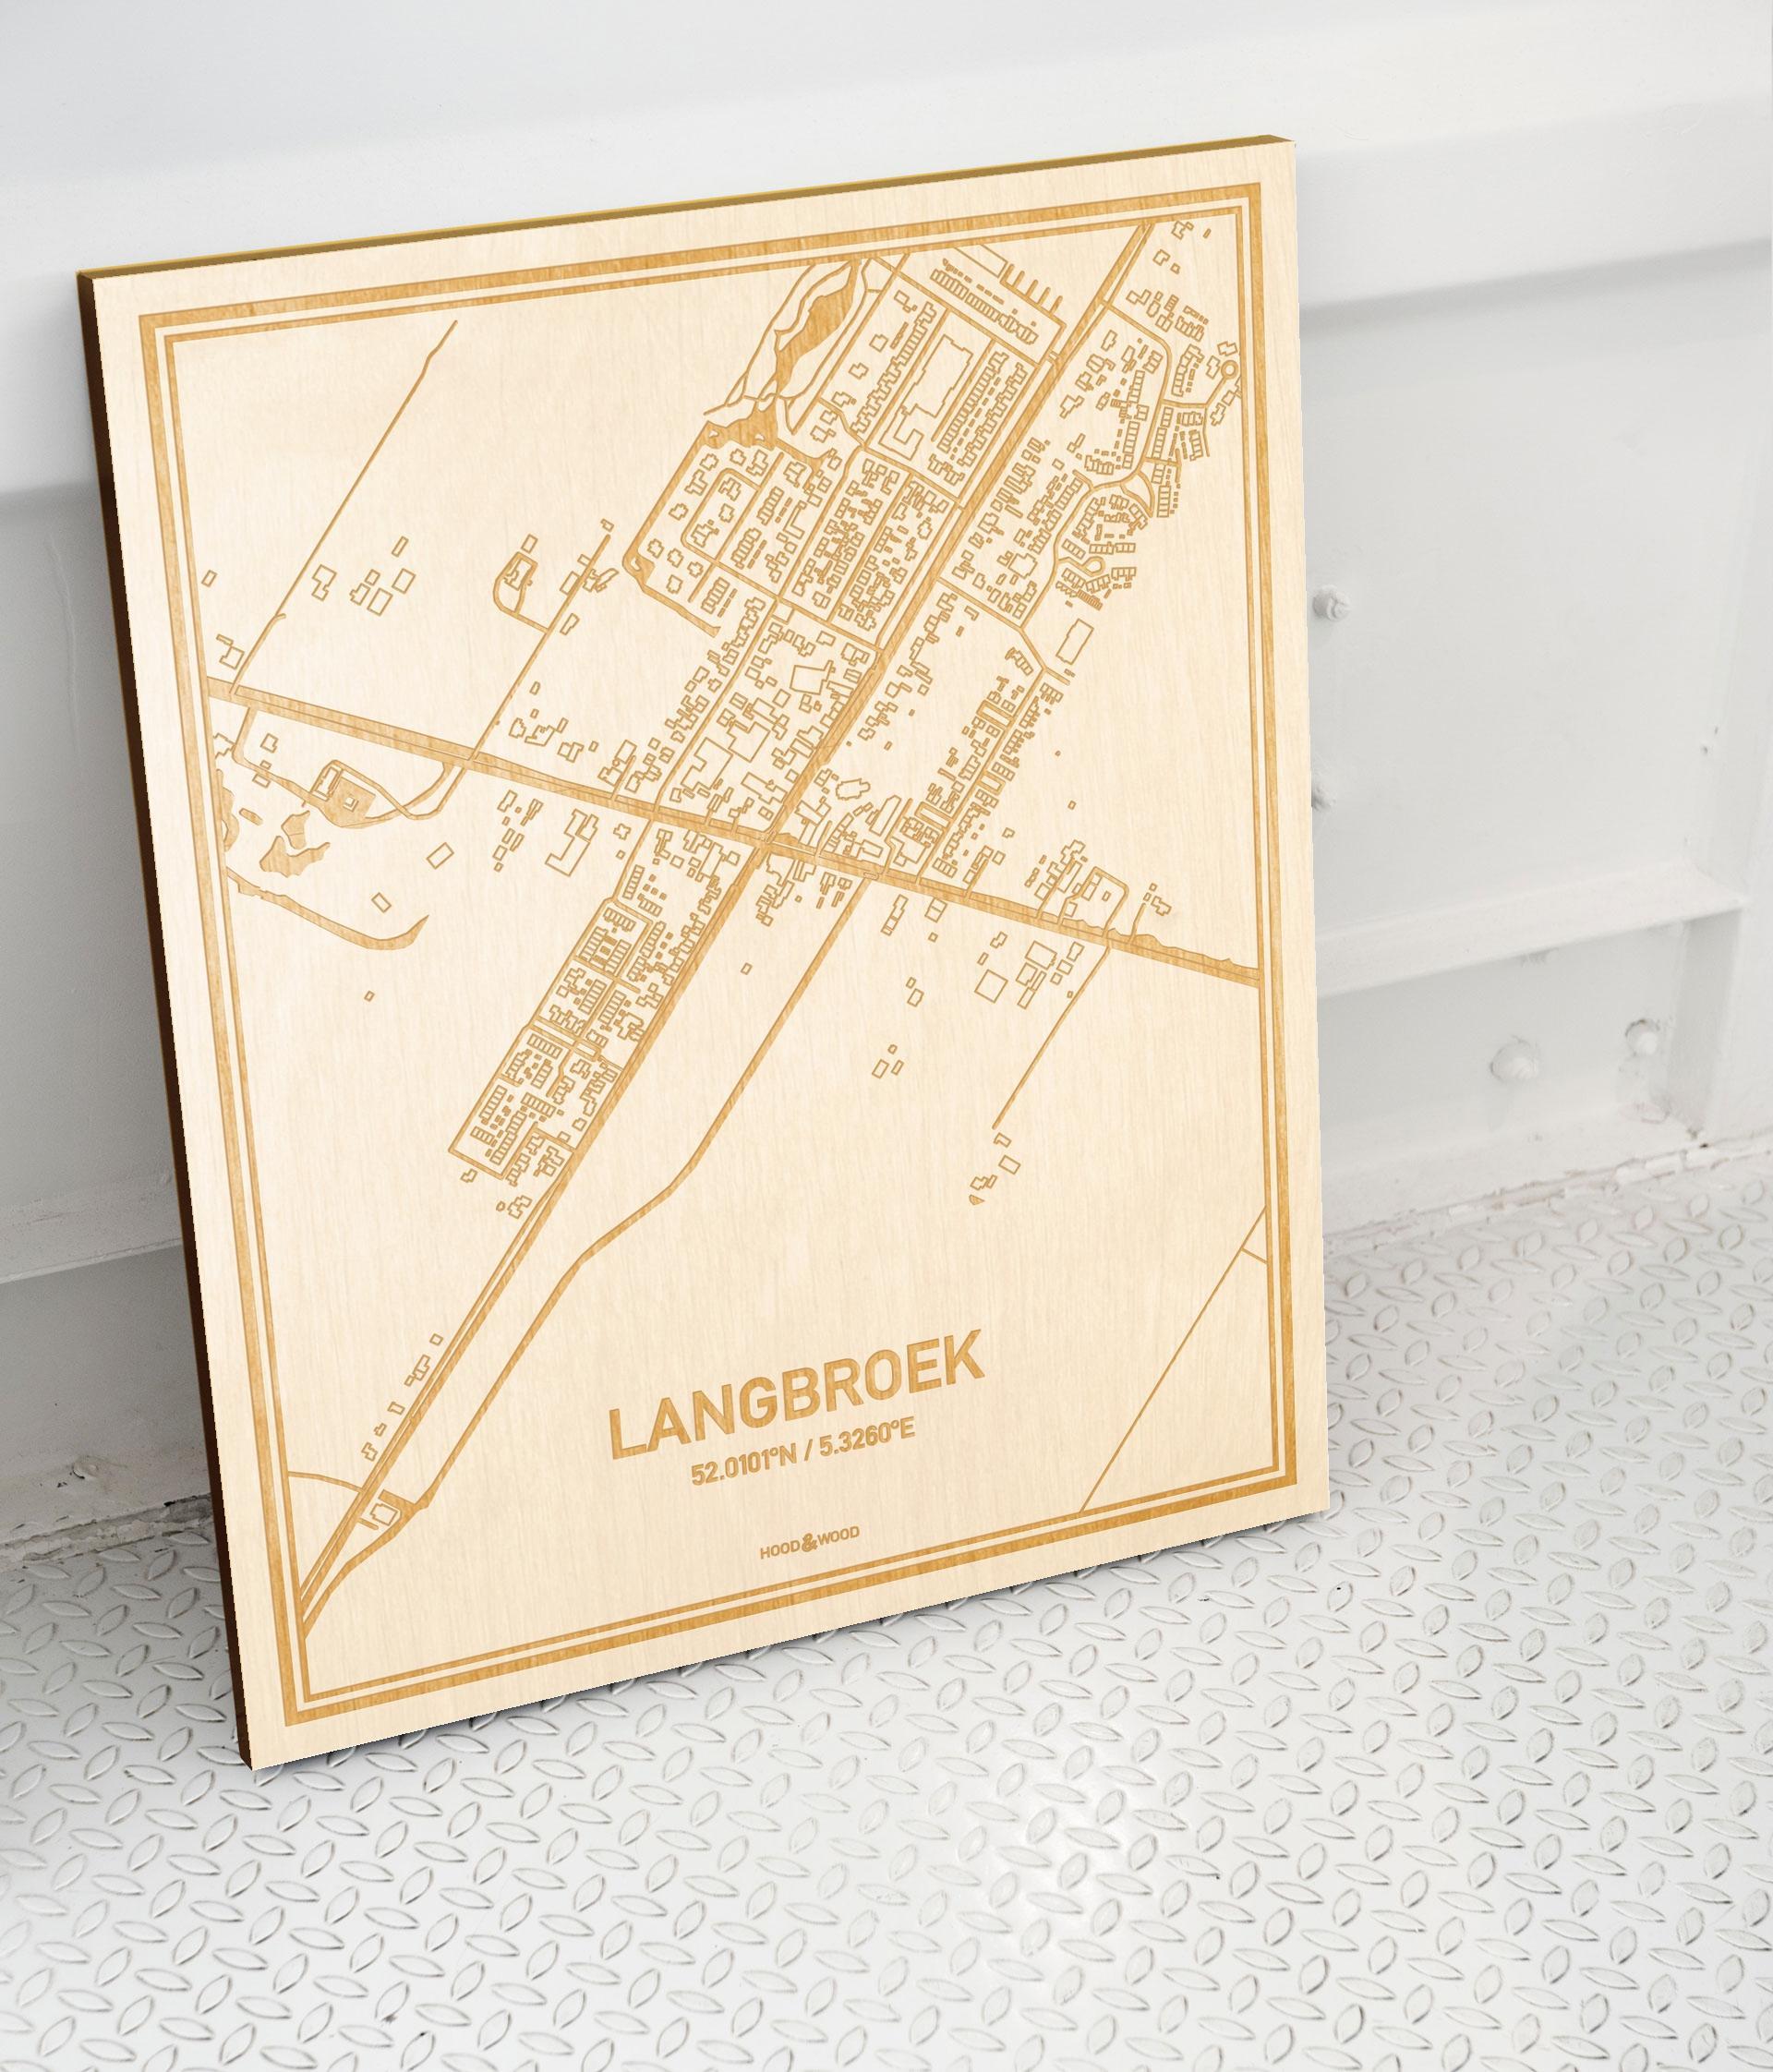 Plattegrond Langbroek als prachtige houten wanddecoratie. Het warme hout contrasteert mooi met de witte muur.